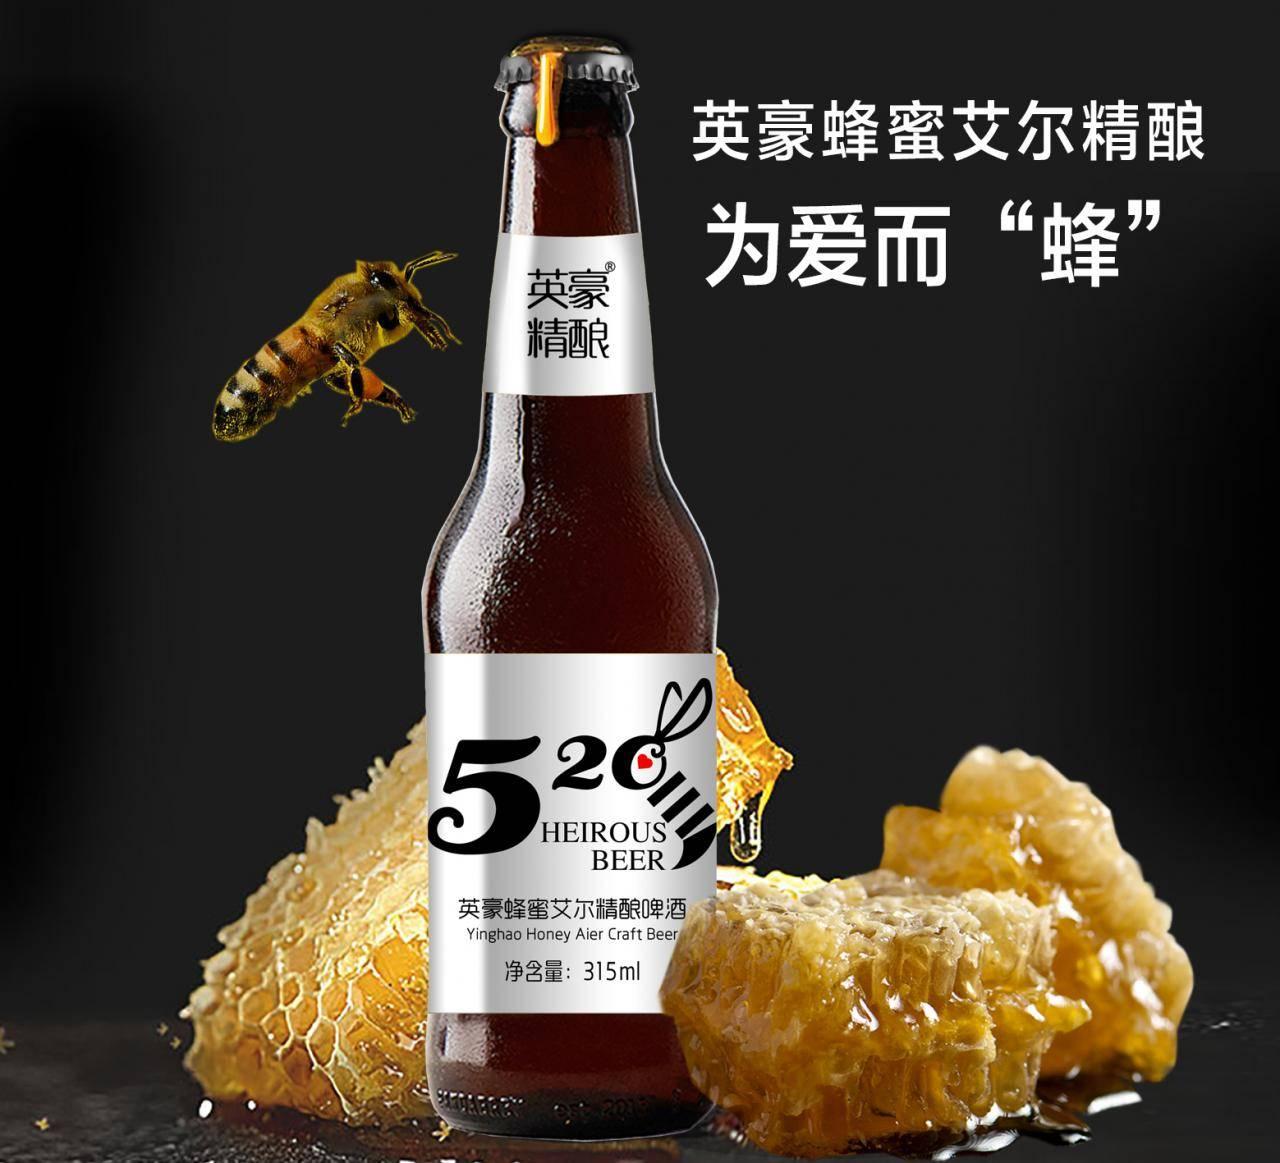 晋城精酿啤酒连锁招商费用-开个小啤酒屋需要多少钱-大麦丫-精酿啤酒连锁超市,工厂店平价酒吧免费加盟